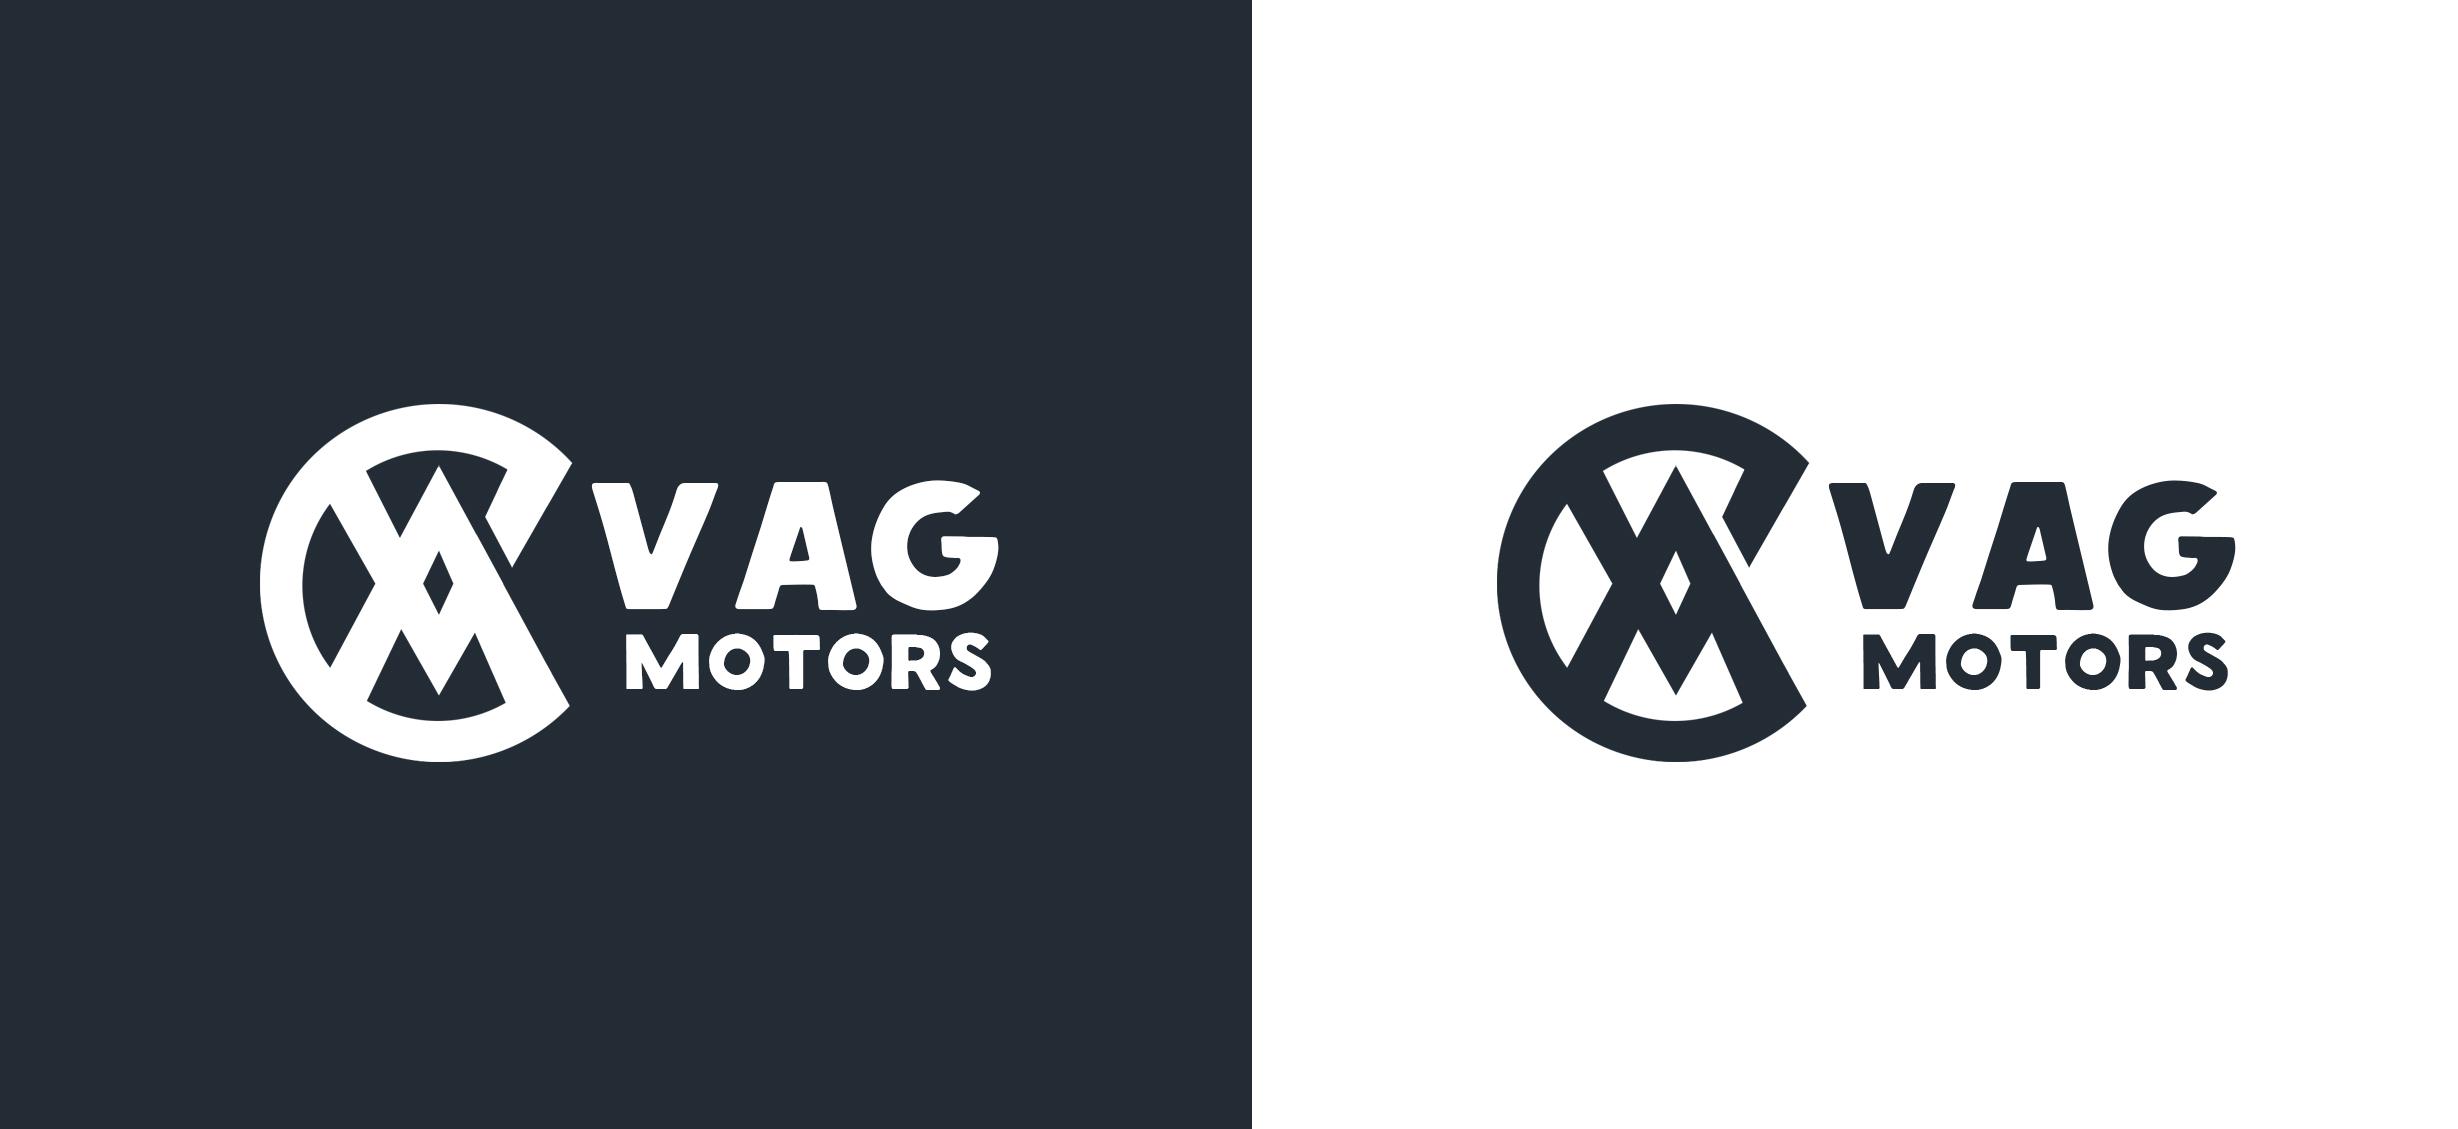 Разработать логотип автосервиса фото f_935557c3d96aef31.jpg